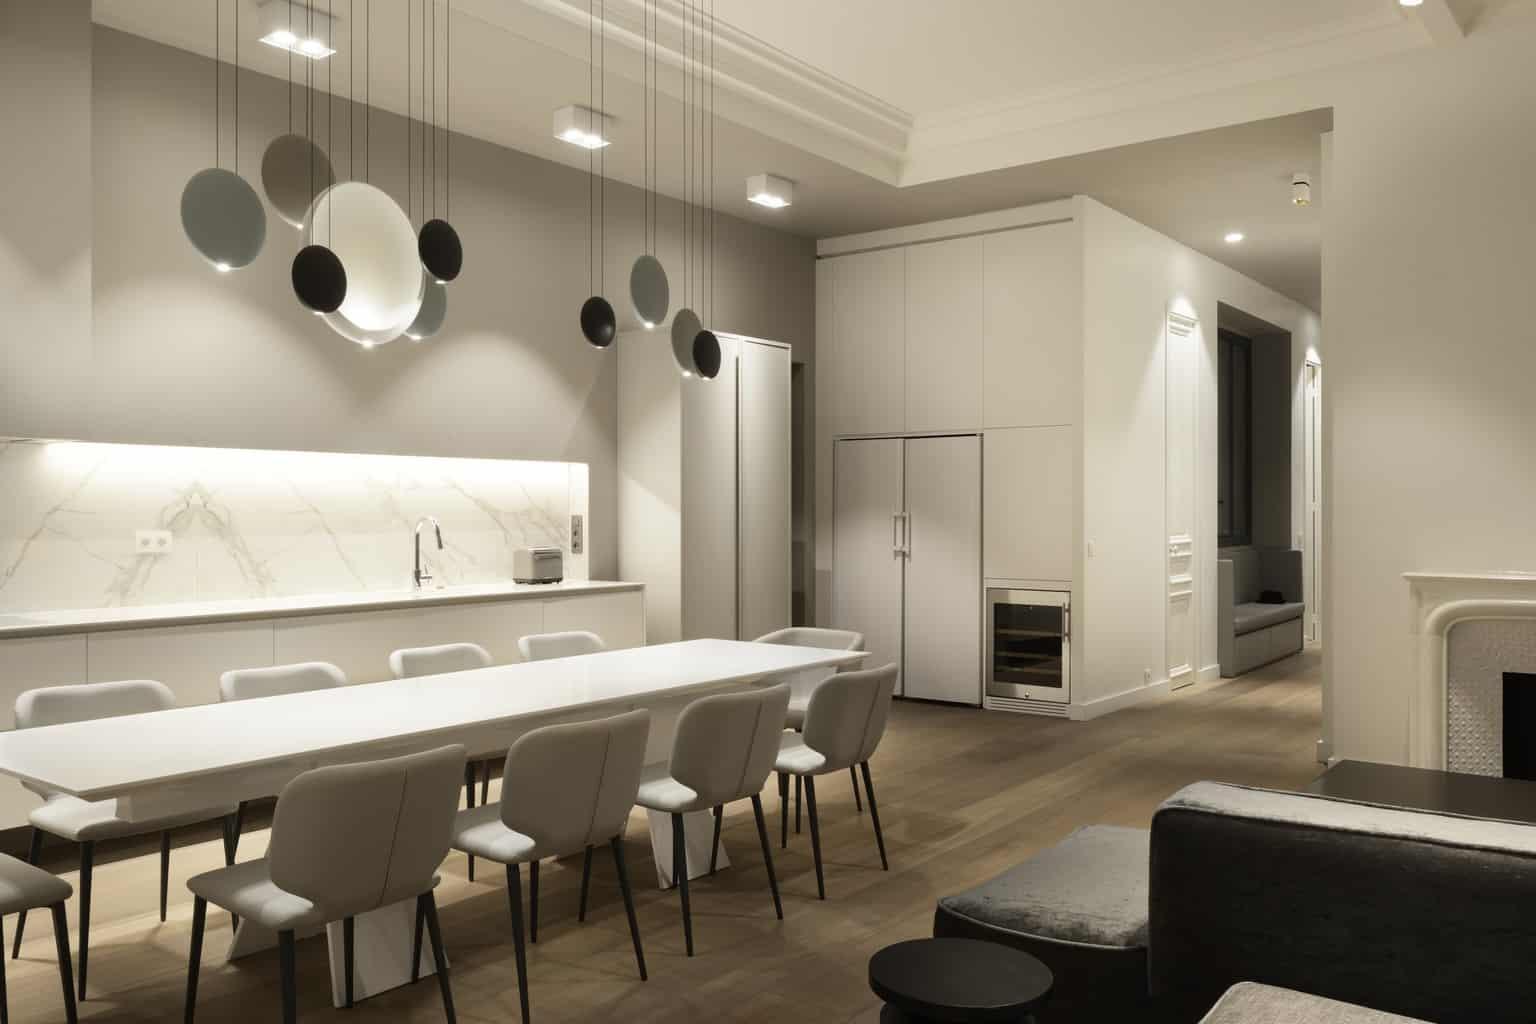 Denise Omer Design Appartement Paris Salon Table Repas Lustre Denise Omer Design Architecte D Interieur Design